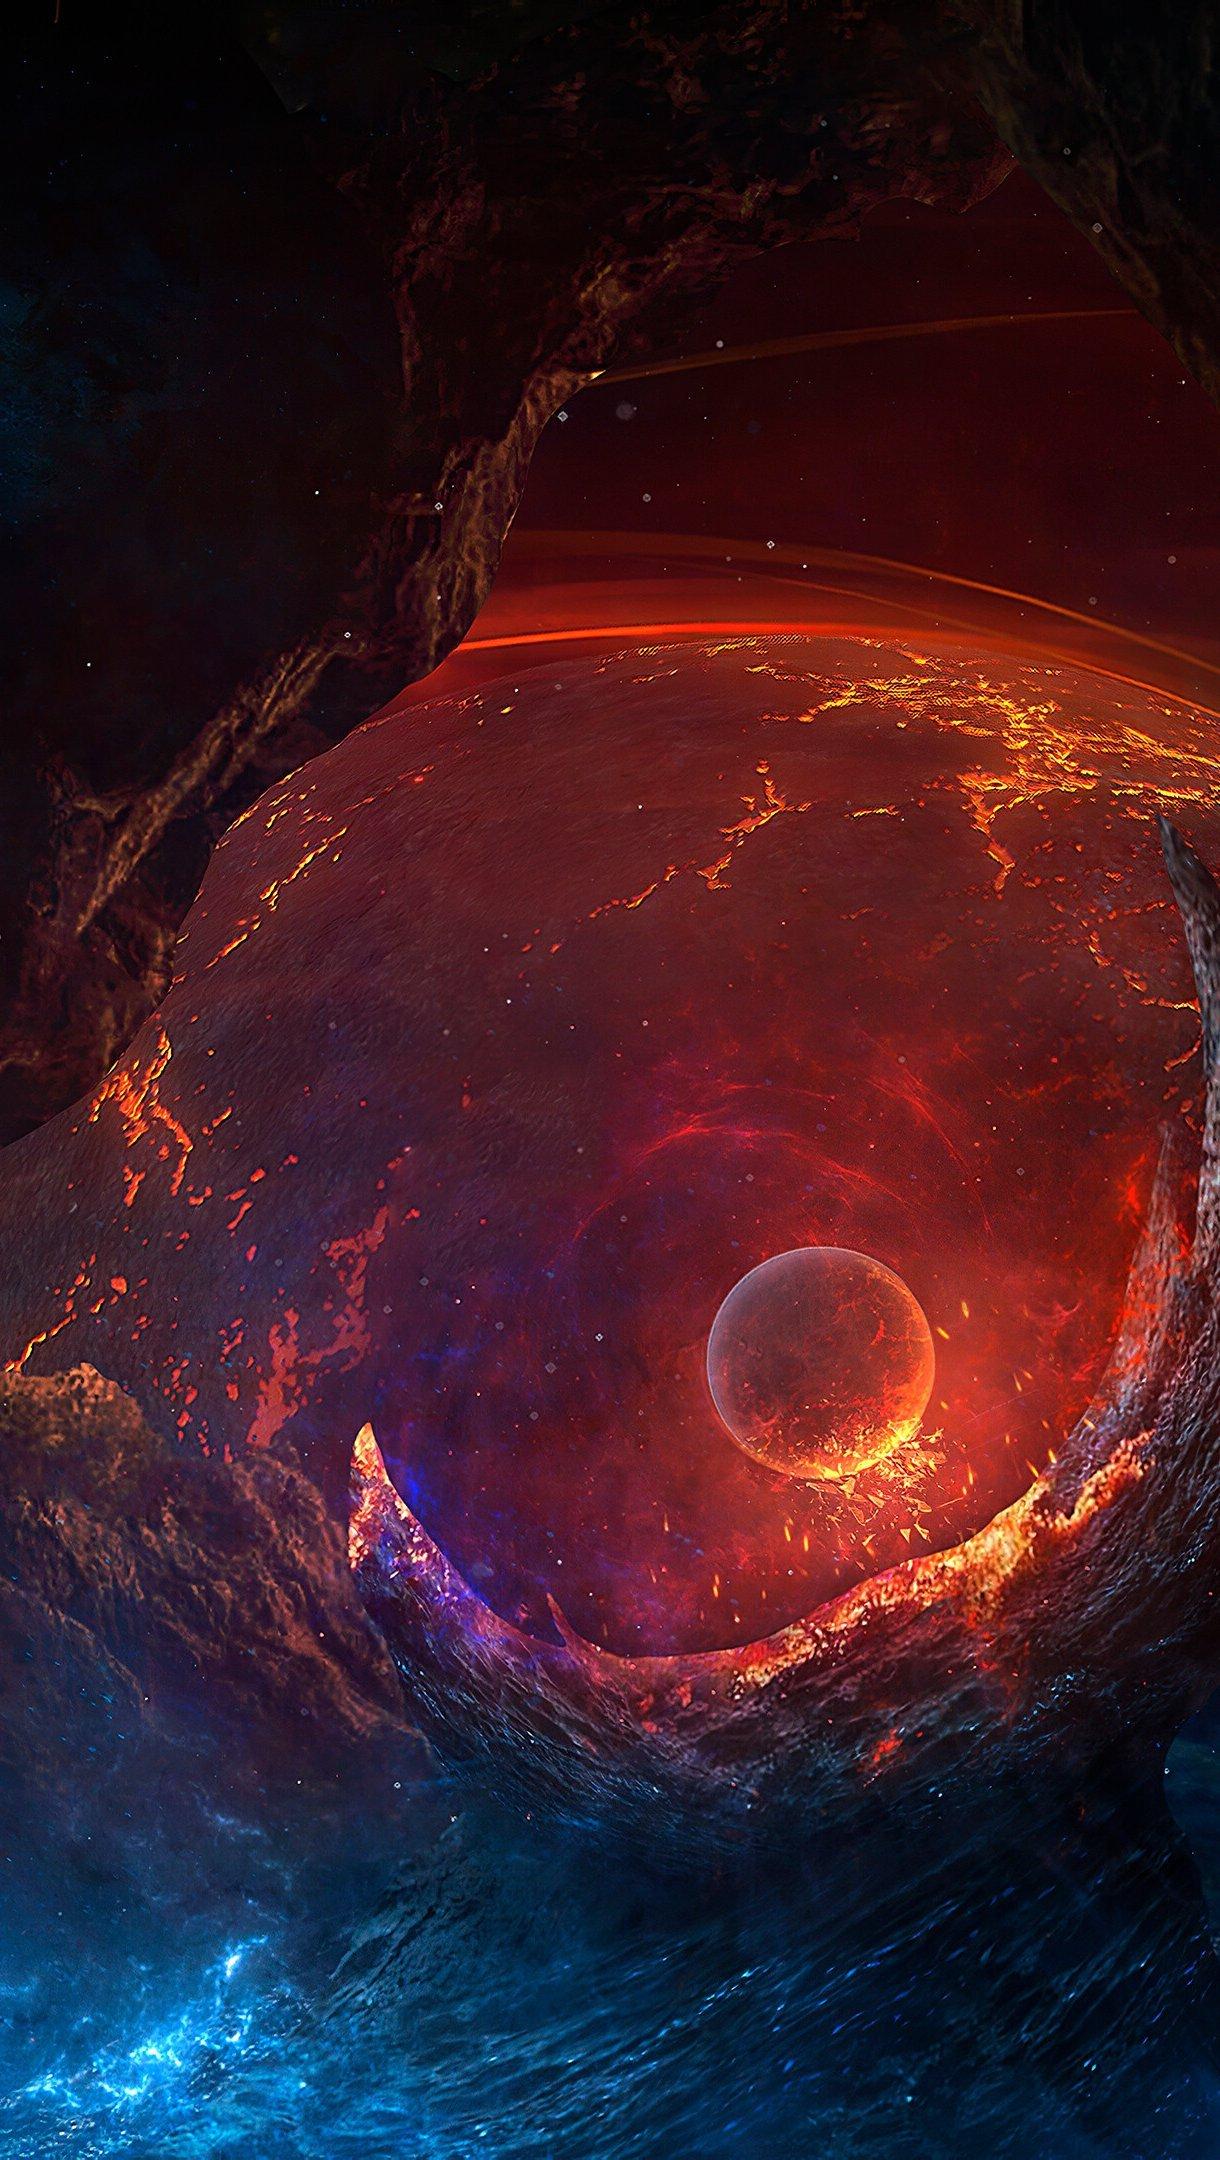 Fondos de pantalla Planeta en el espacio Vertical